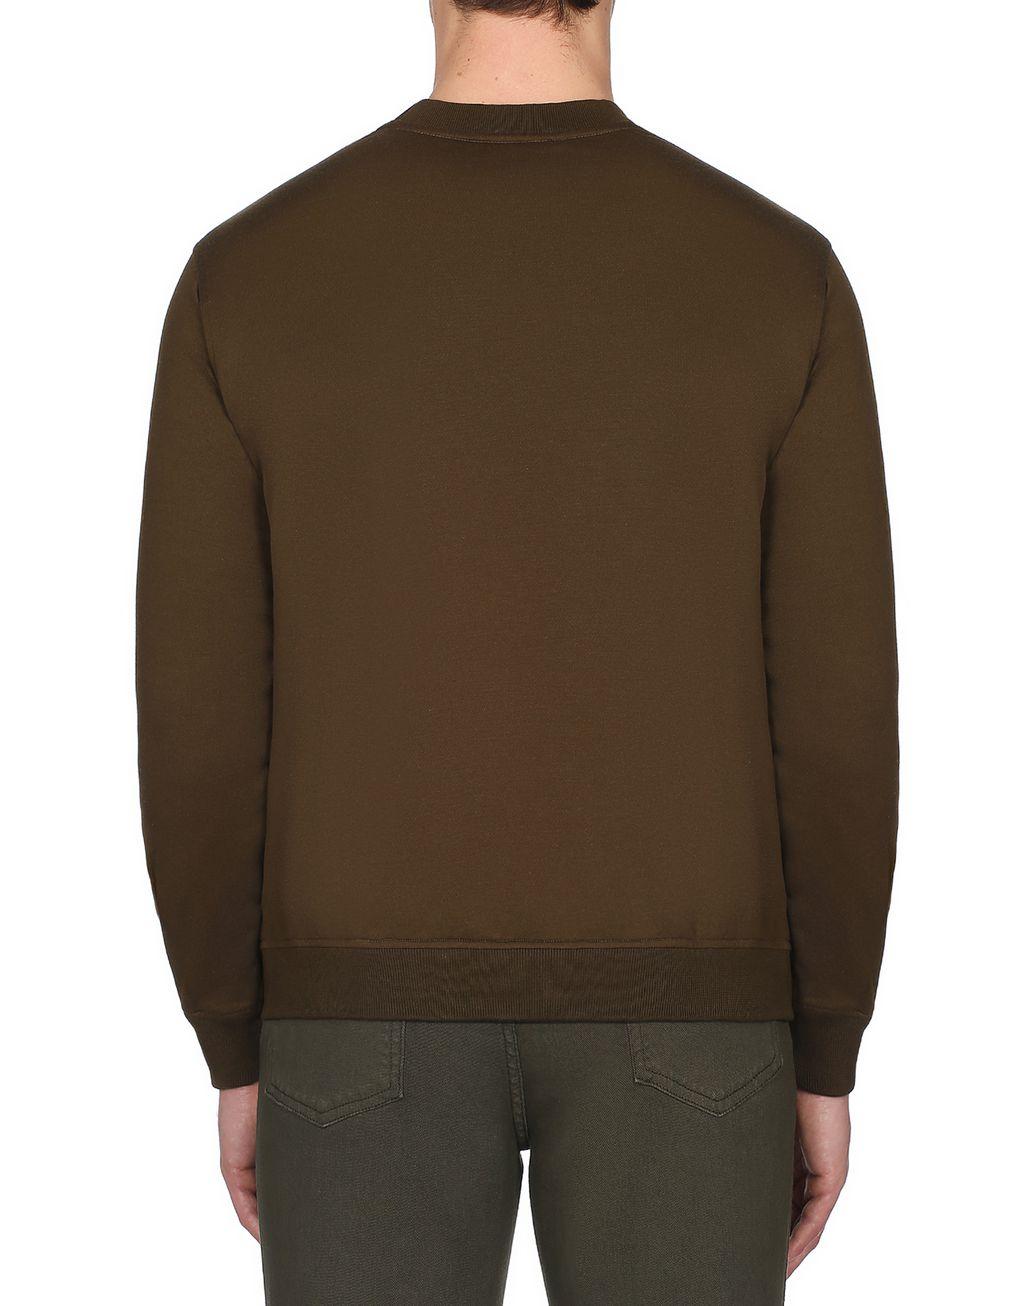 BRIONI Green Brioni Sweatshirt Knitwear Man d